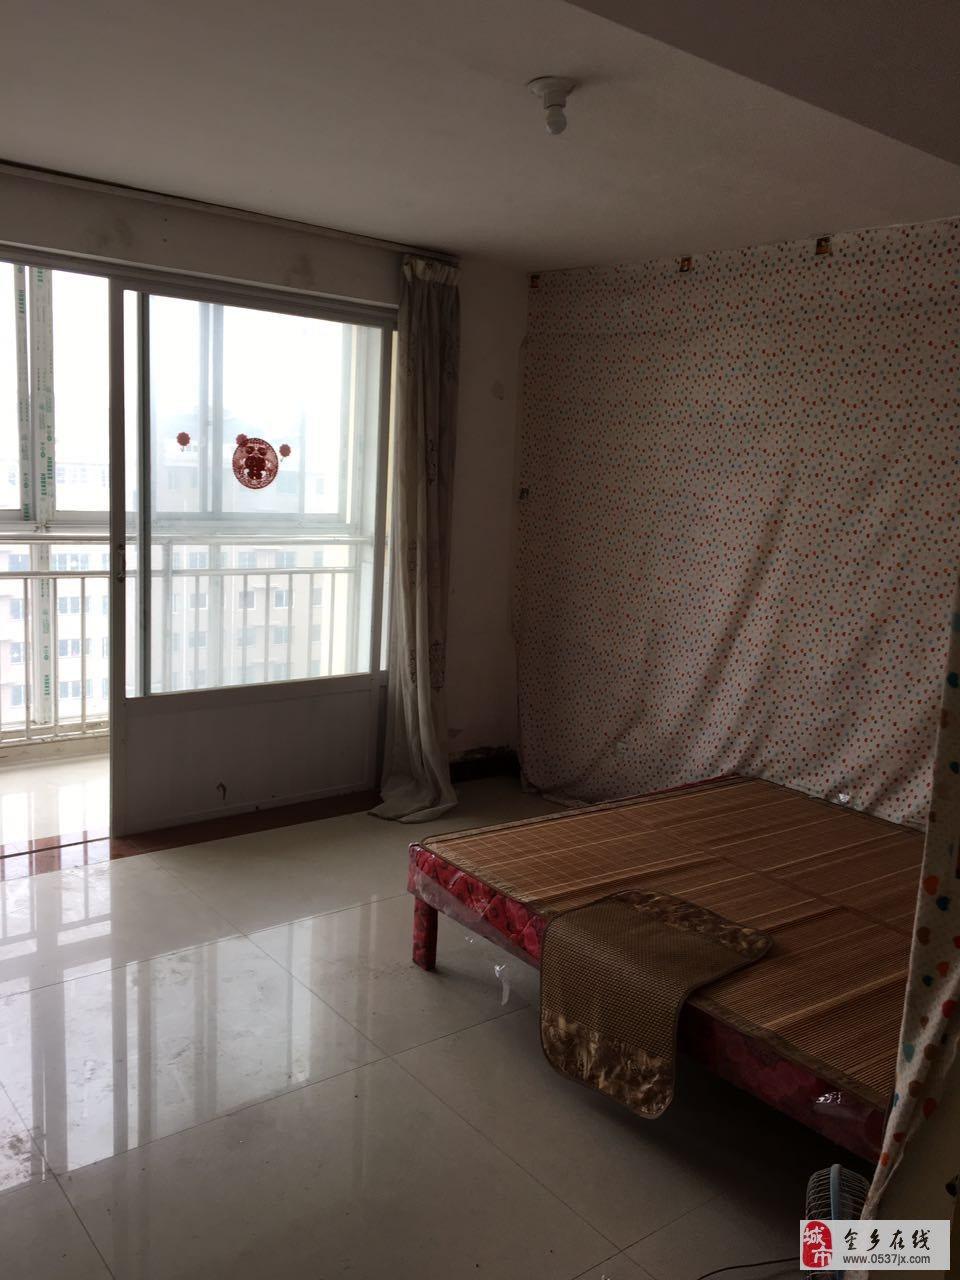 孙庄社区阁楼出租,房子有两间向阳卧室,已铺地板